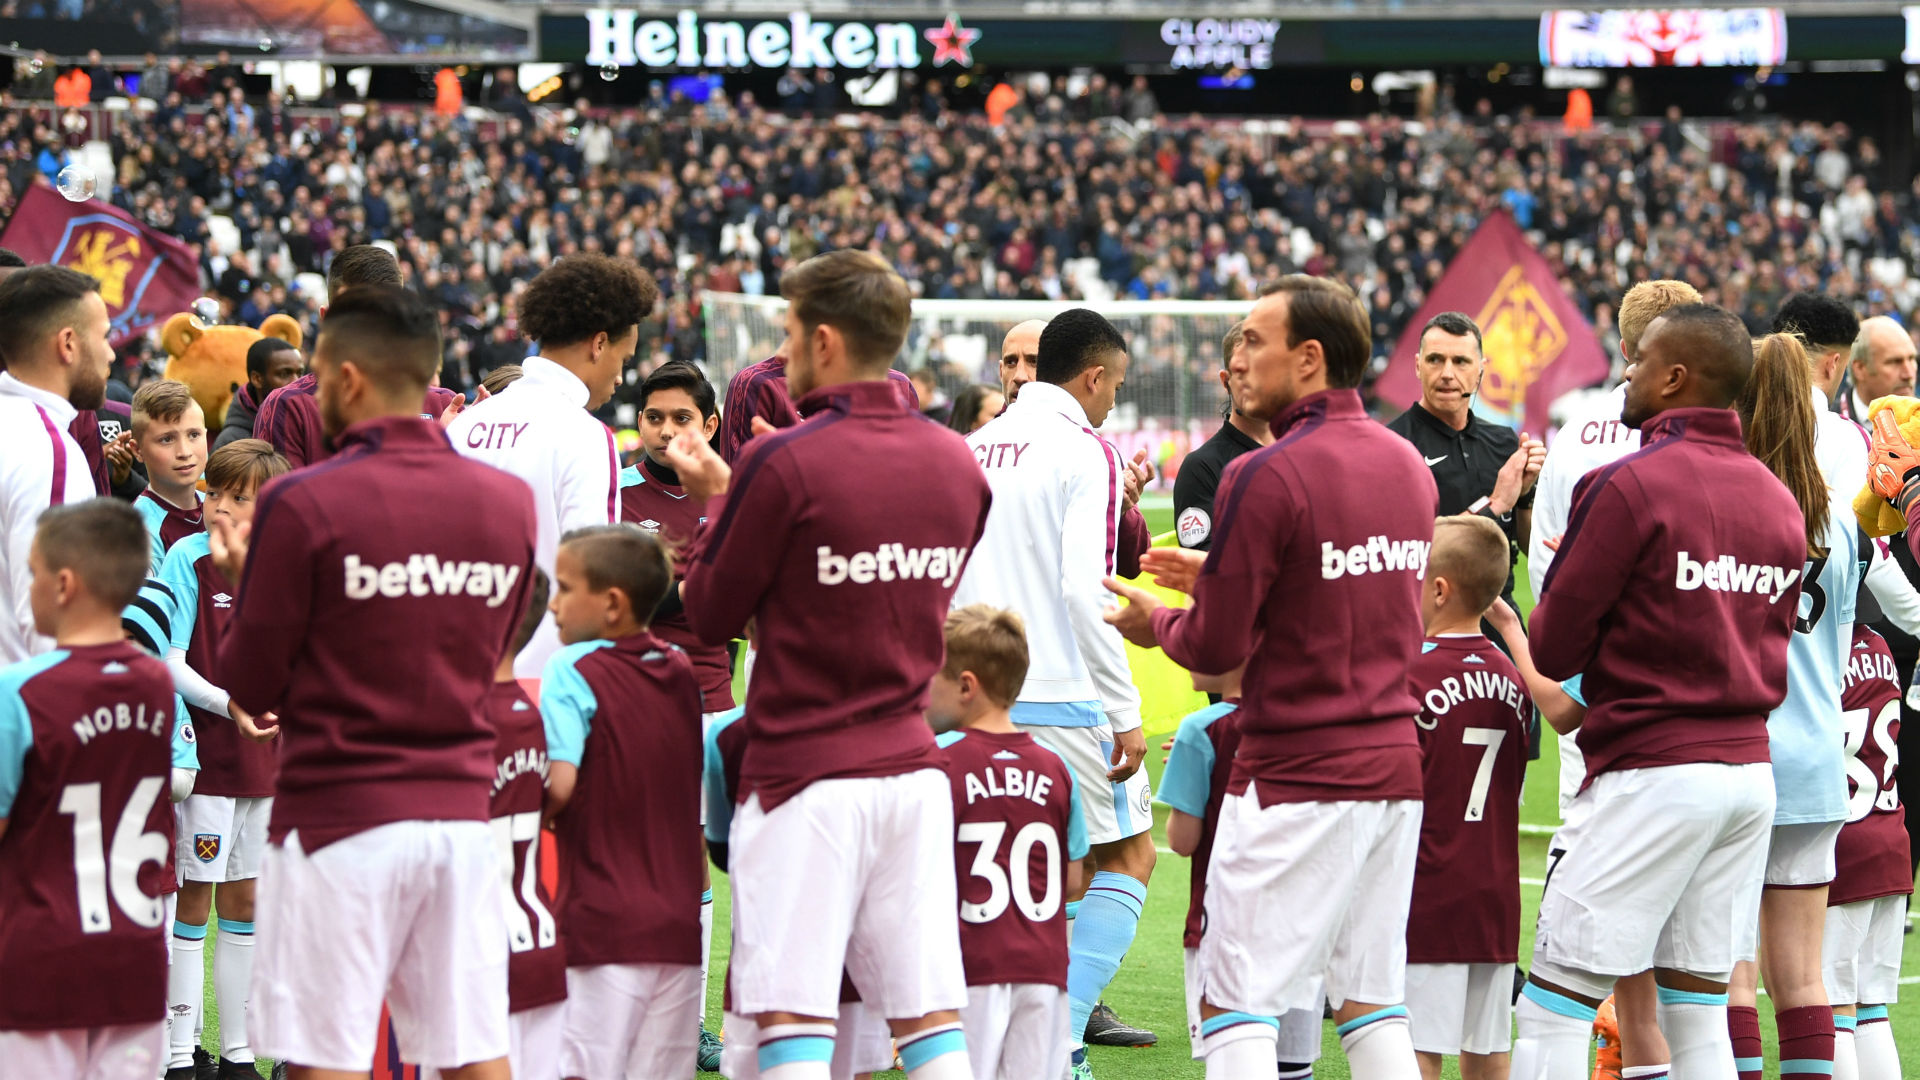 West Ham Man City guard of honour